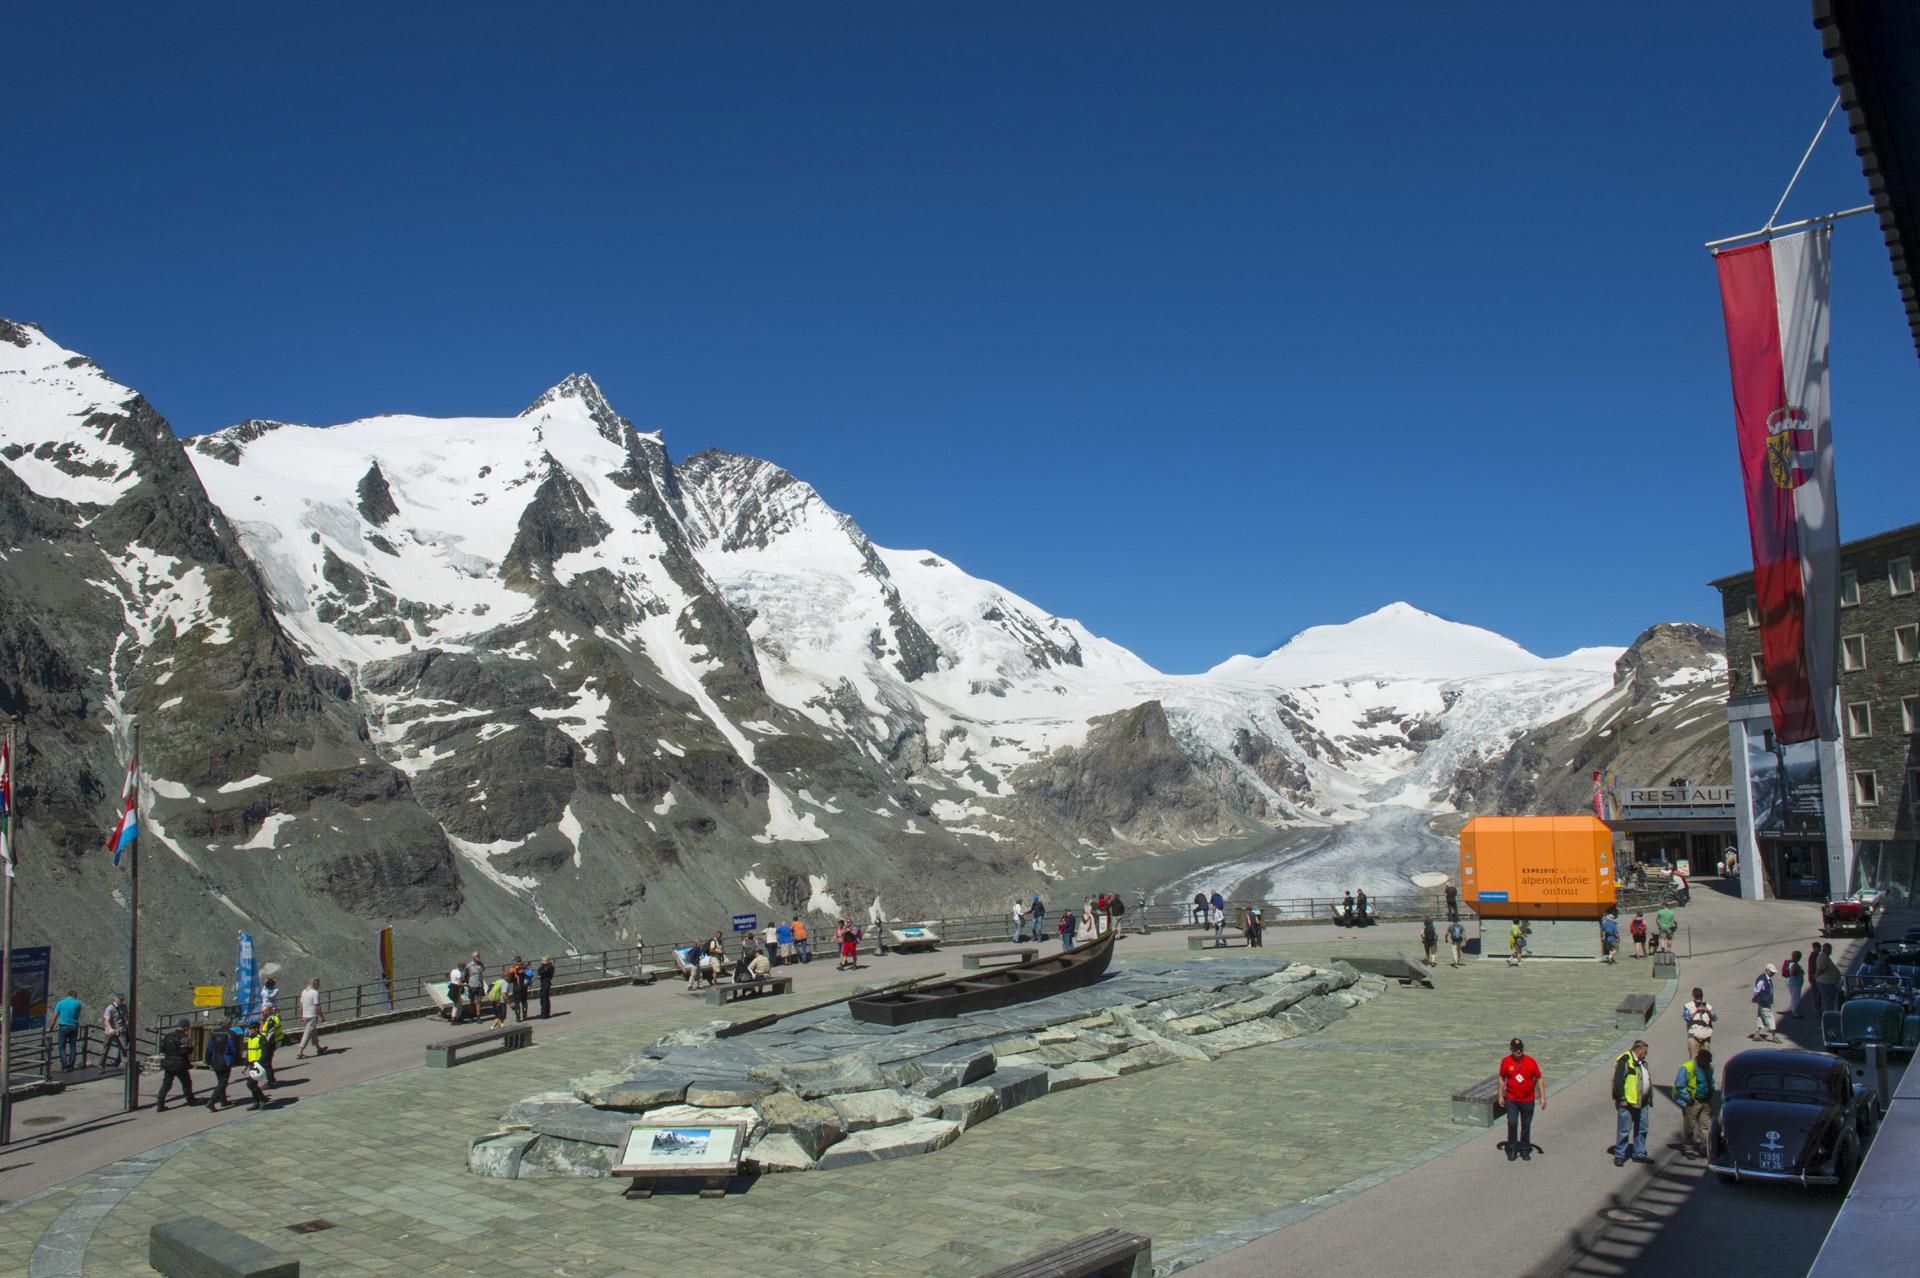 sziklás hegyi hatalom a legjobb teljesen ingyenes online társkereső